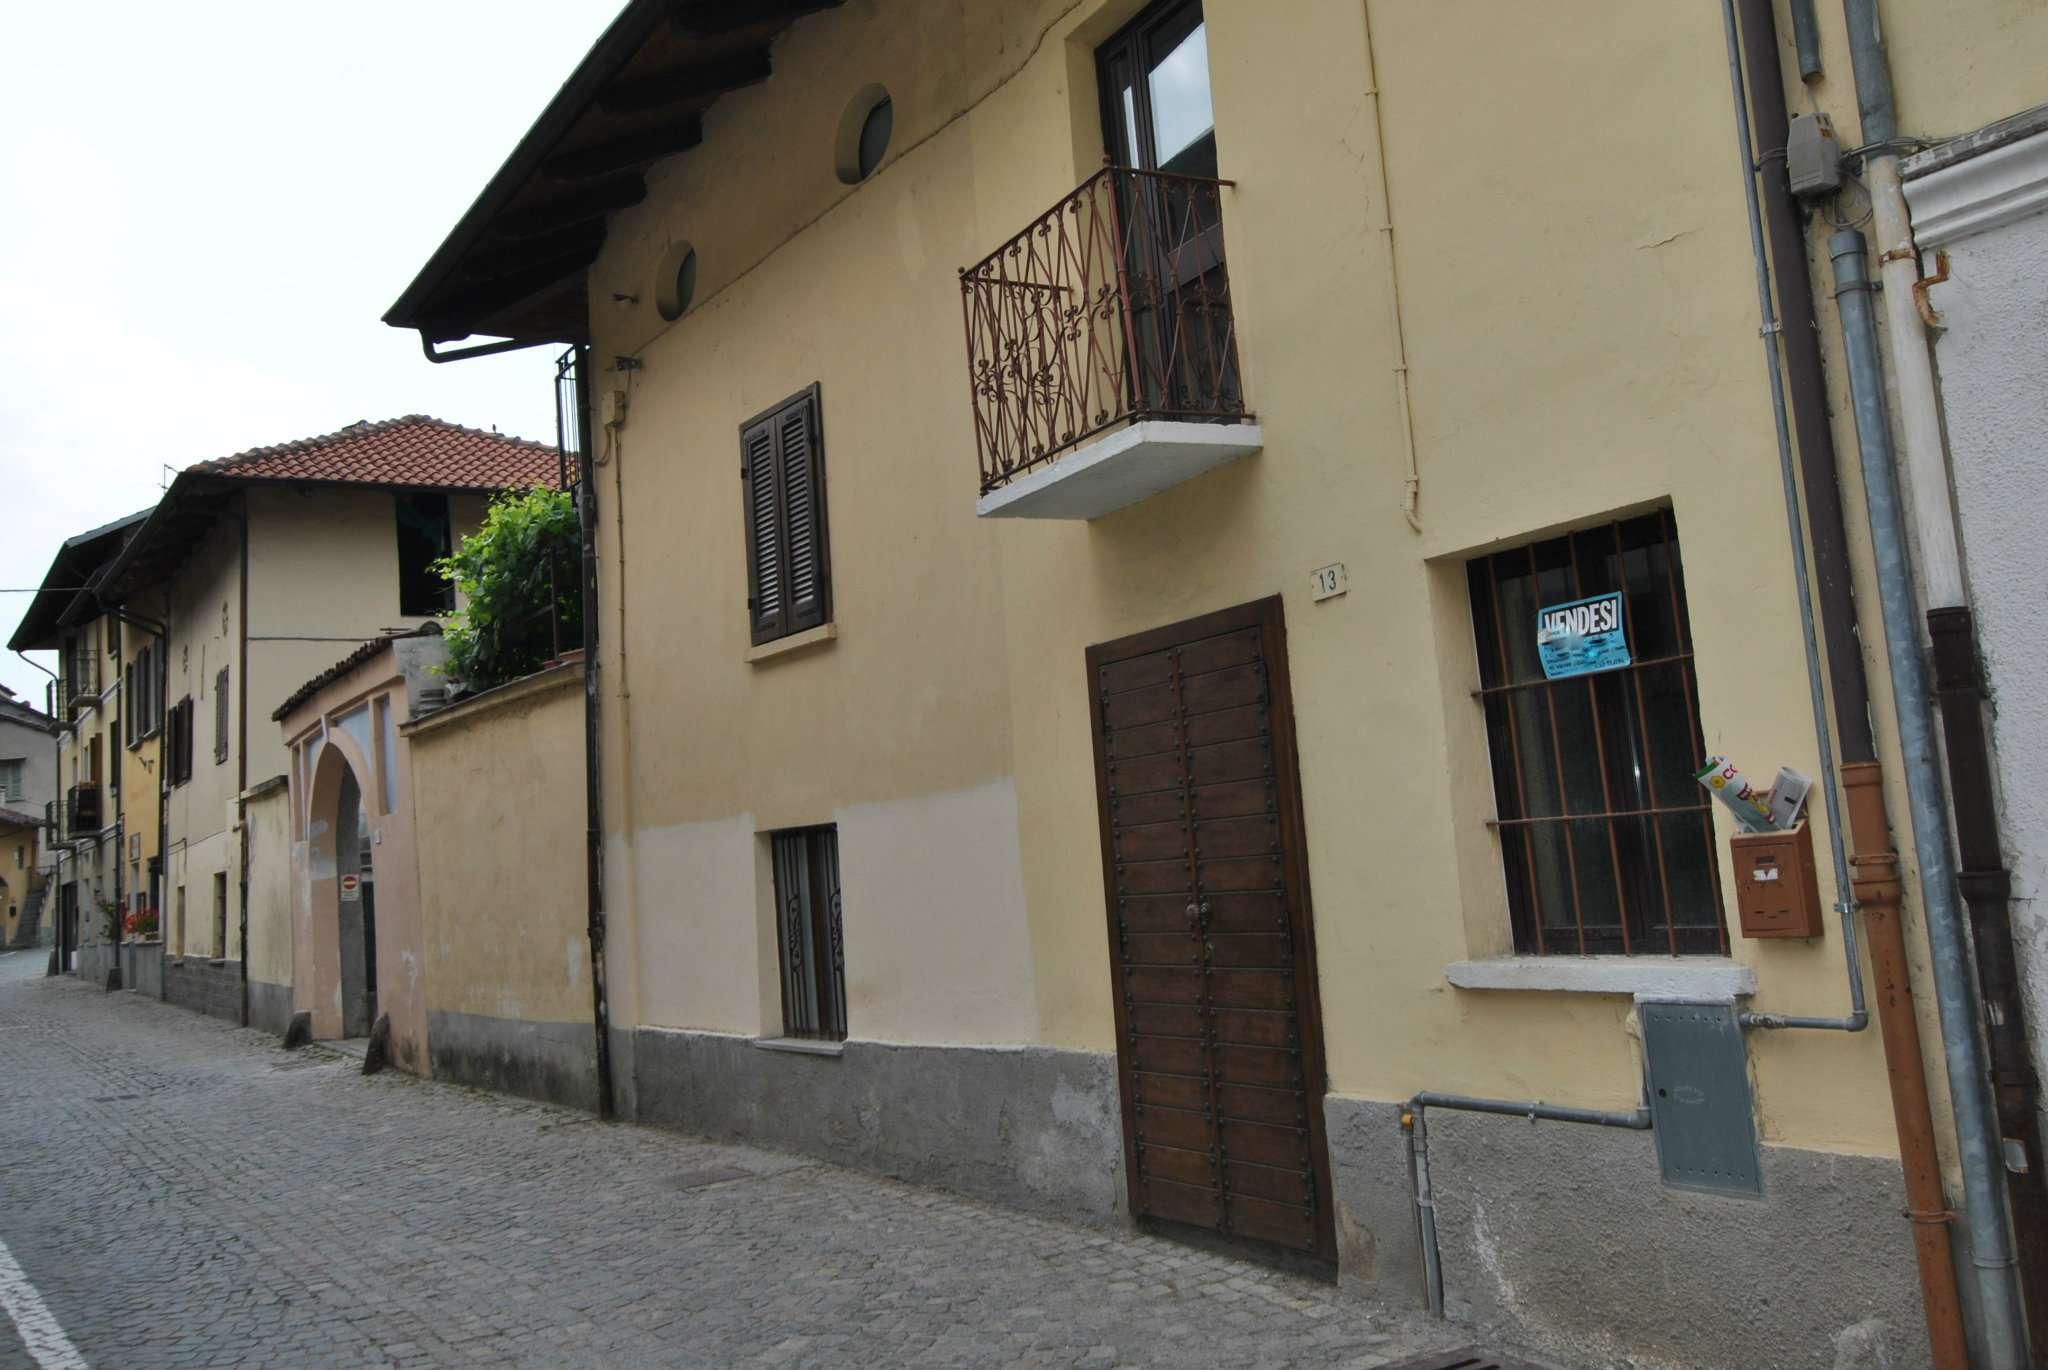 Soluzione Semindipendente in vendita a Vaie, 2 locali, prezzo € 30.000 | CambioCasa.it